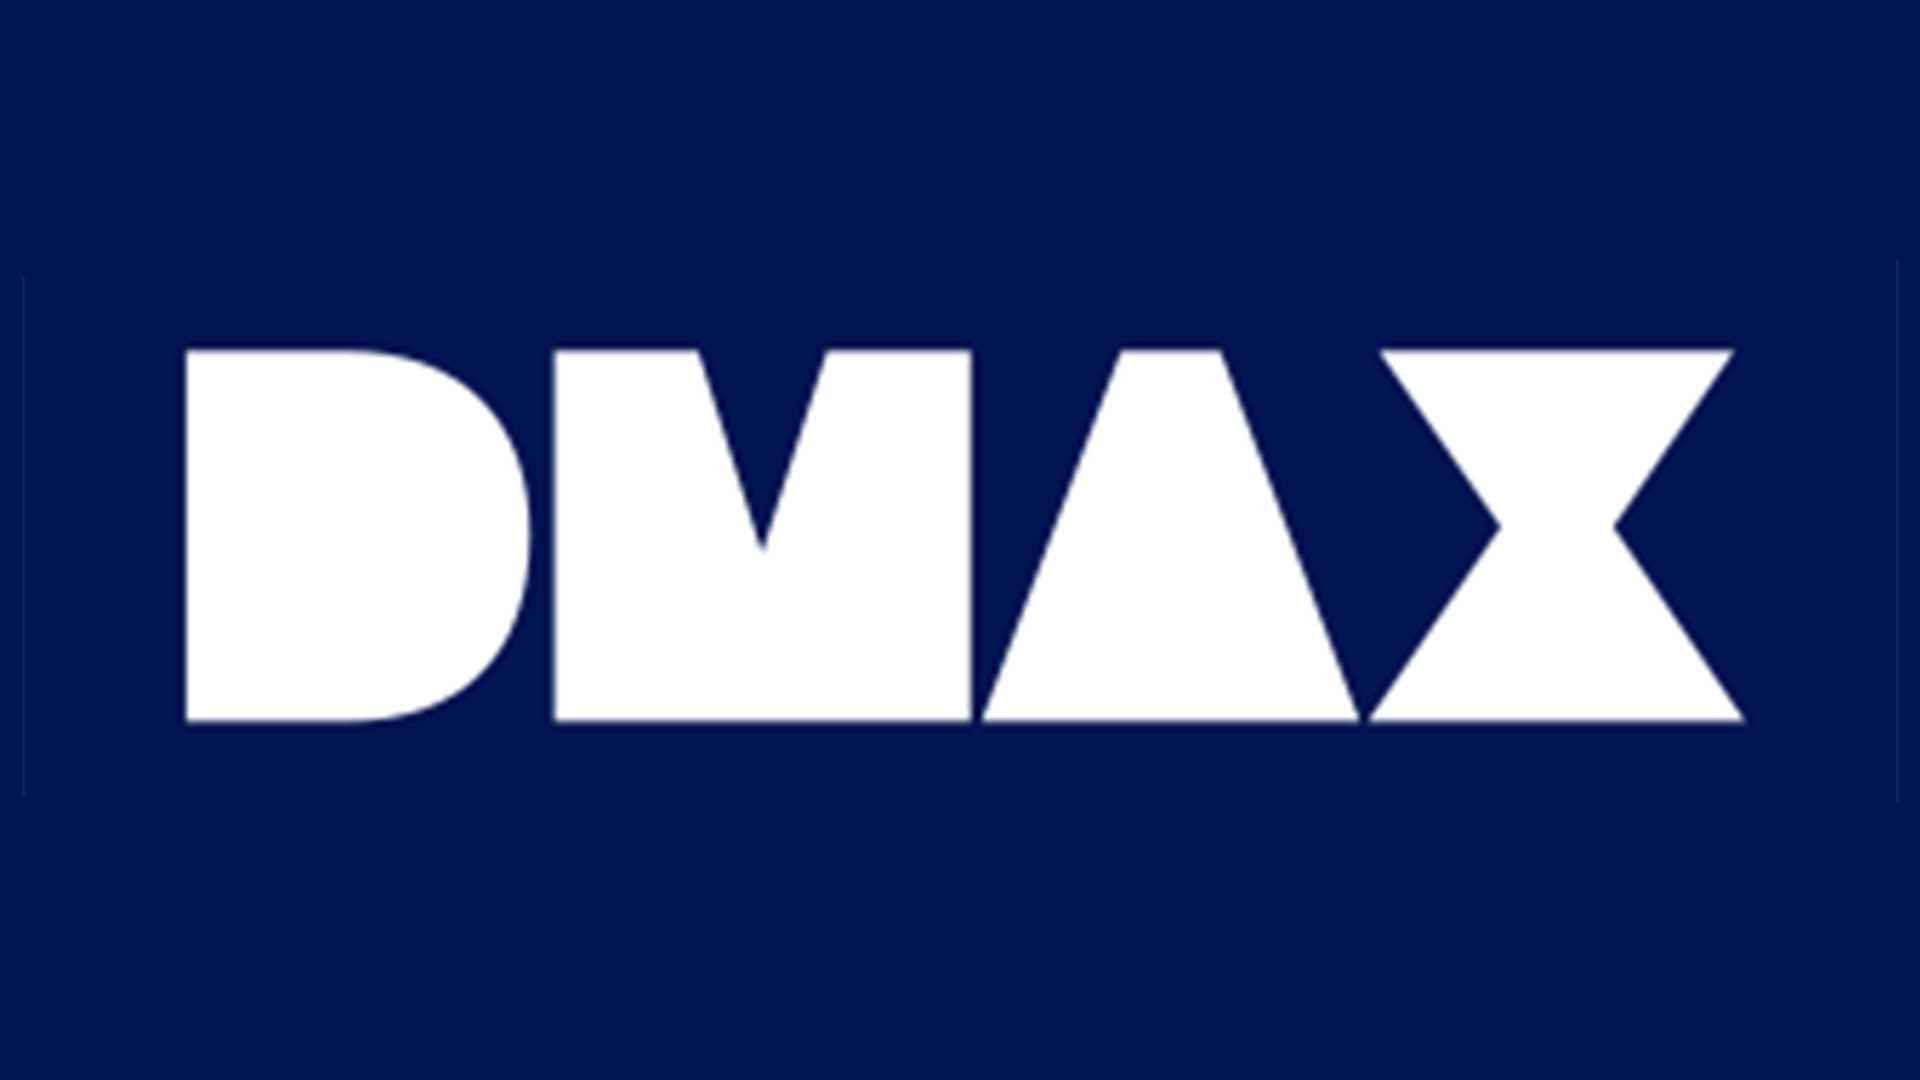 Dmax Vid